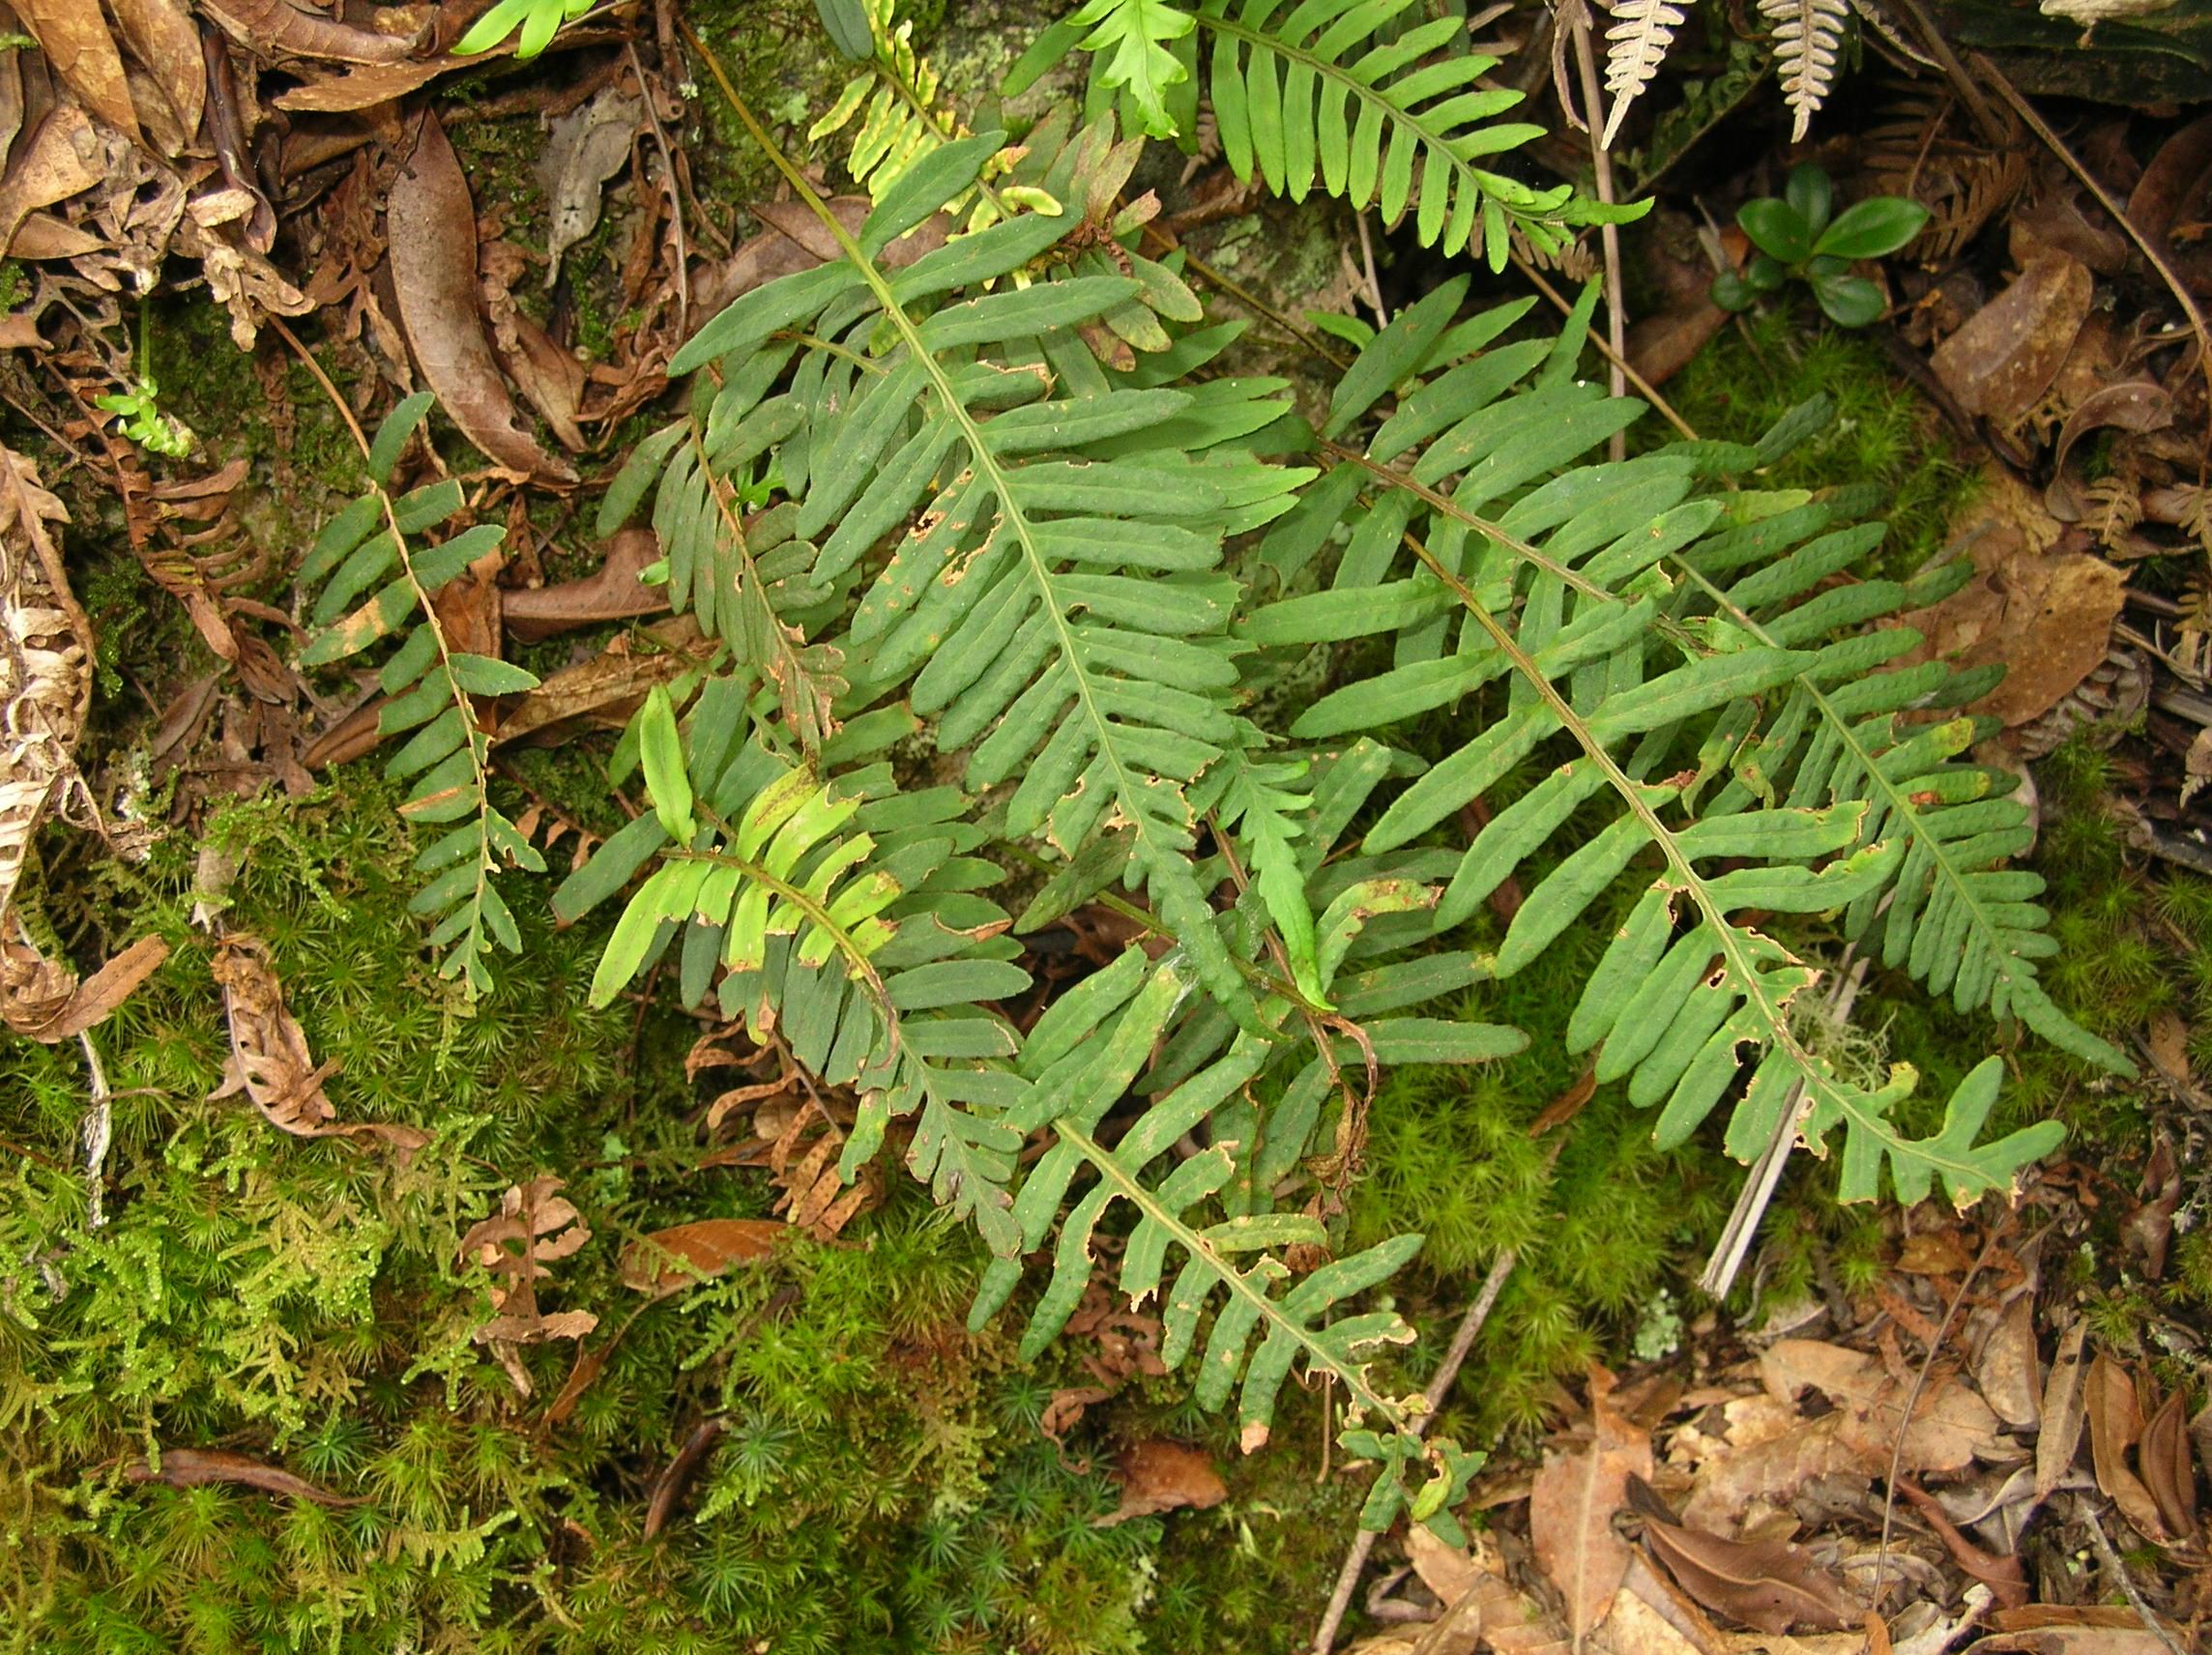 Pleopeltis buchtienii